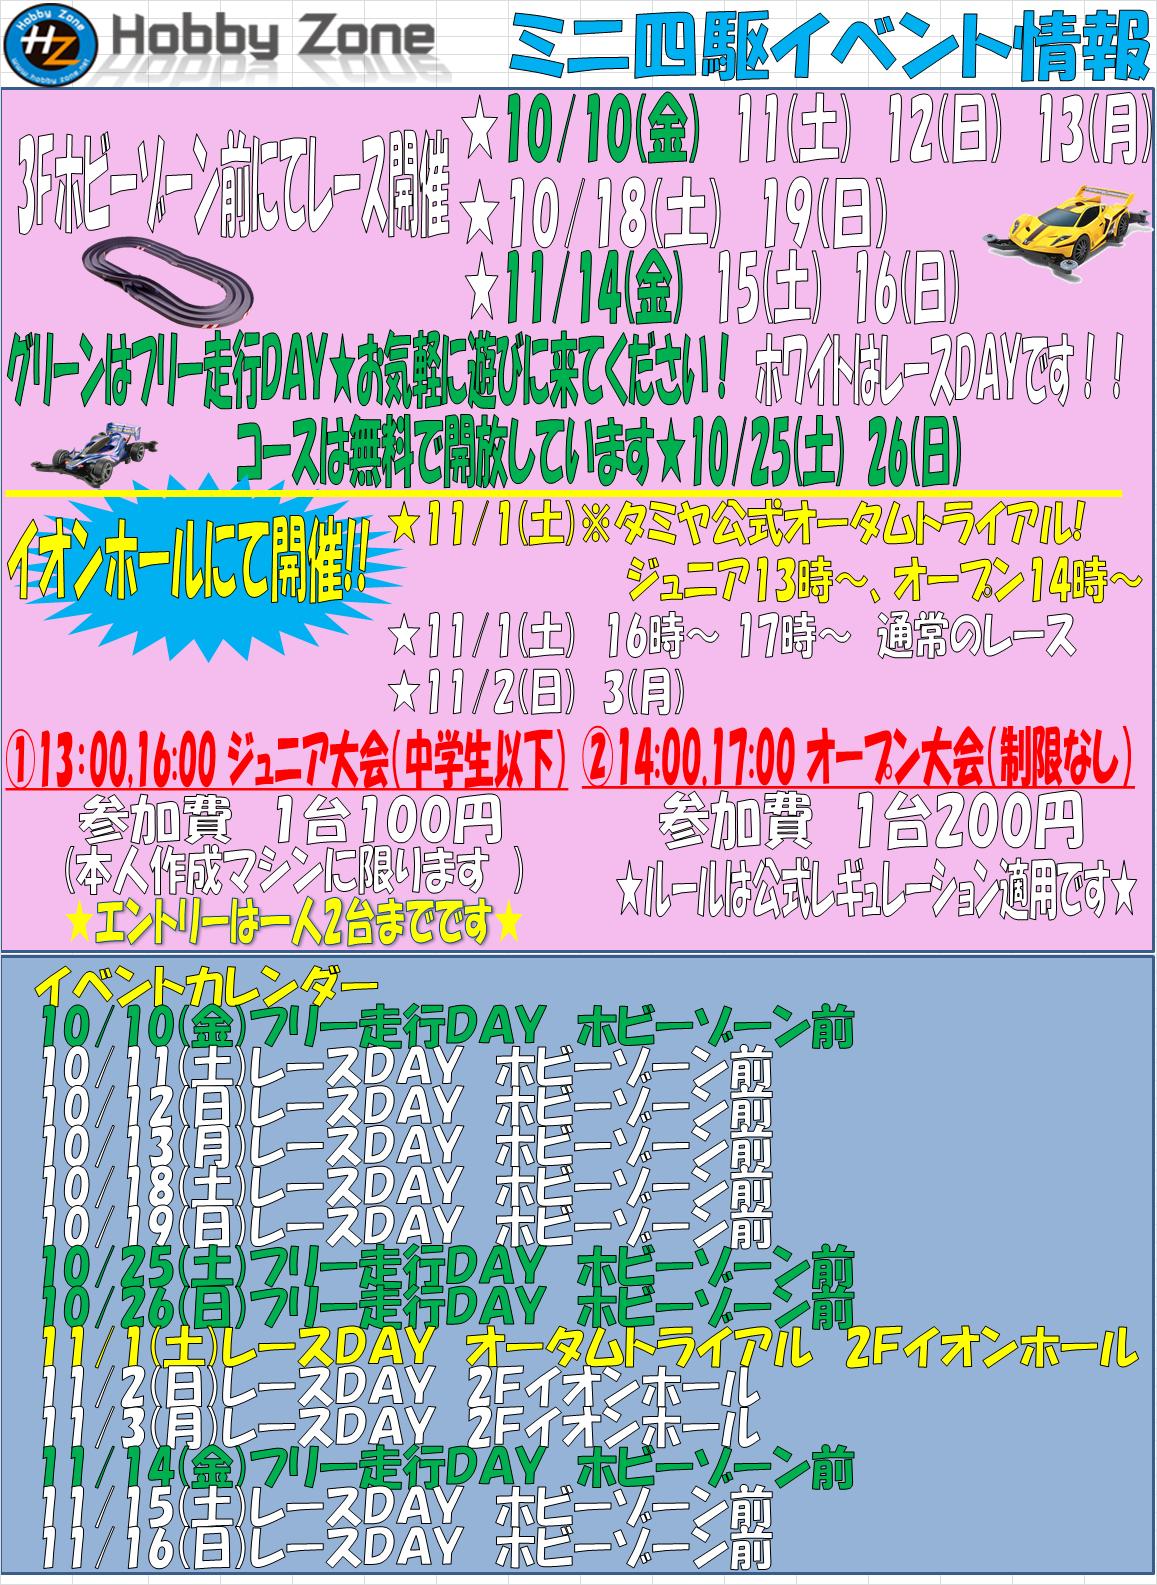 201409301501183d5.png